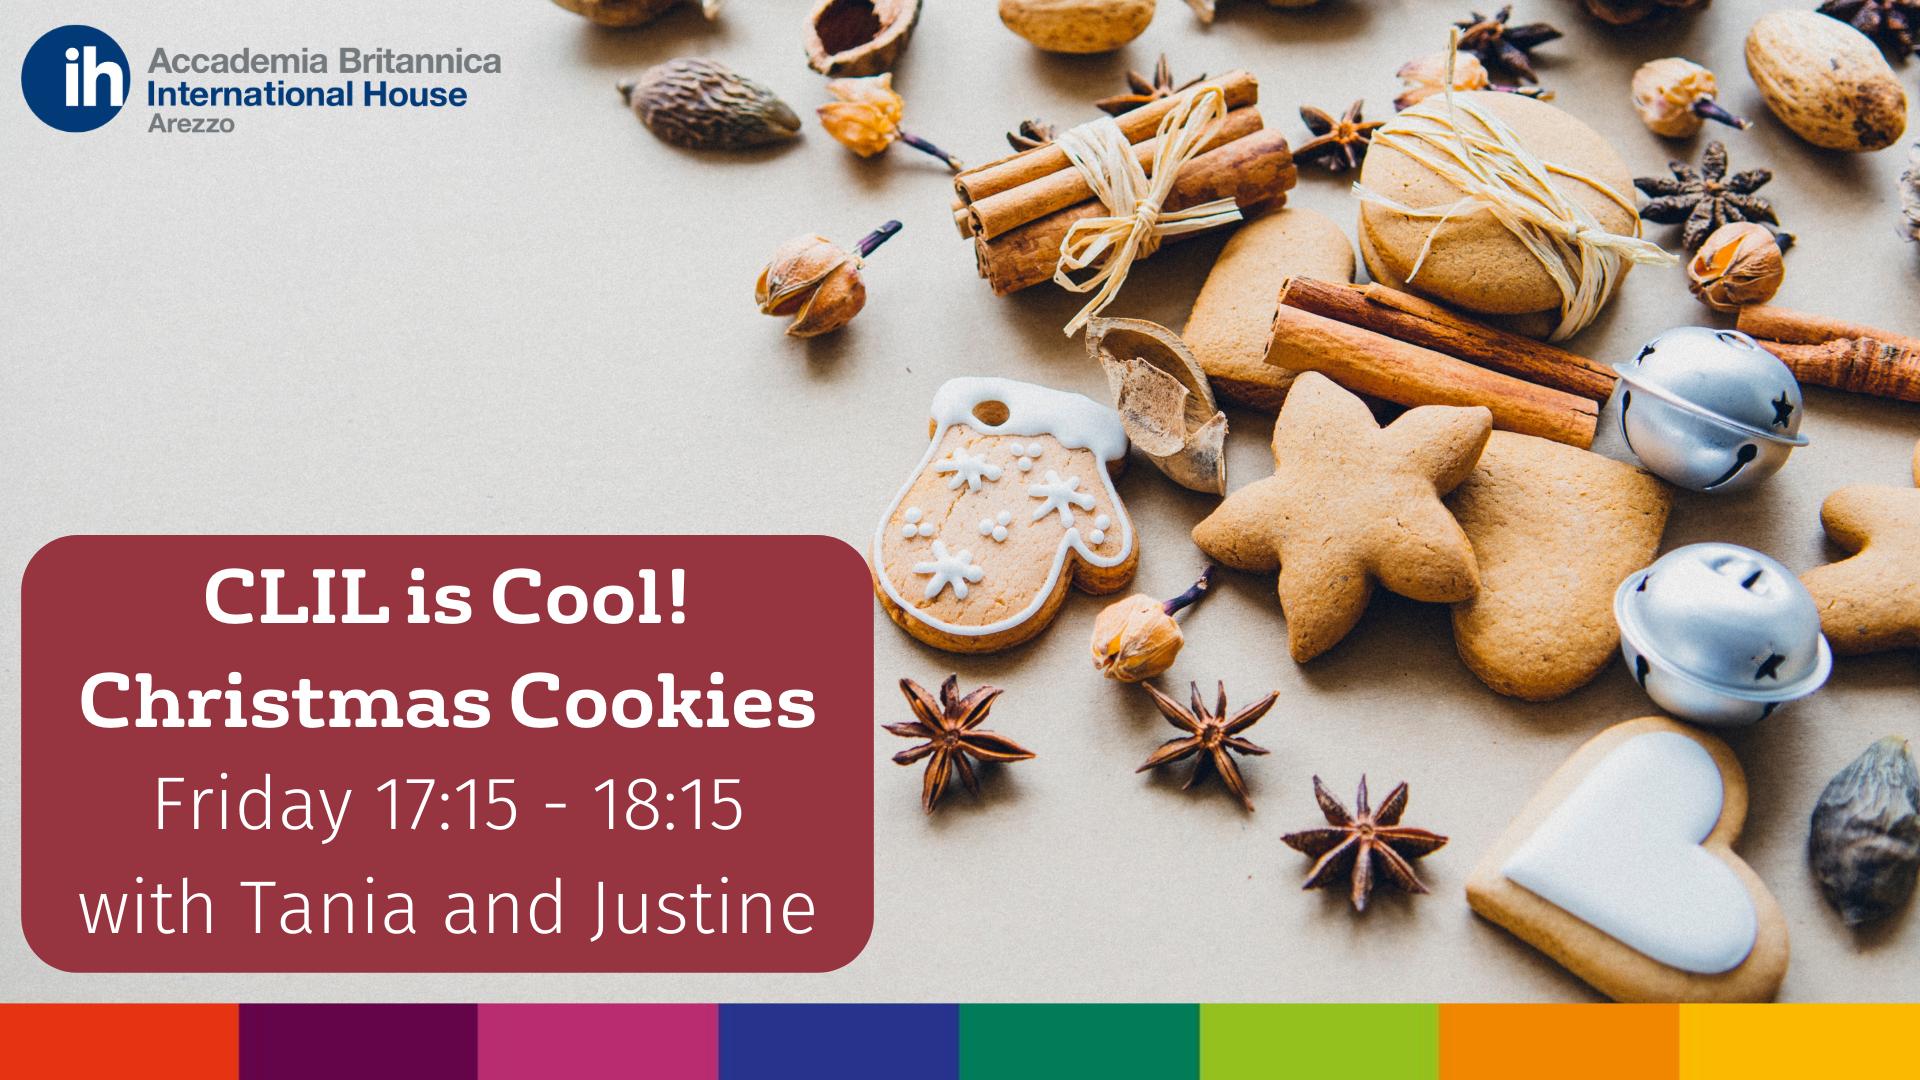 CLIL is Cool! 18.12.20 | Accademia Britannica IH Arezzo